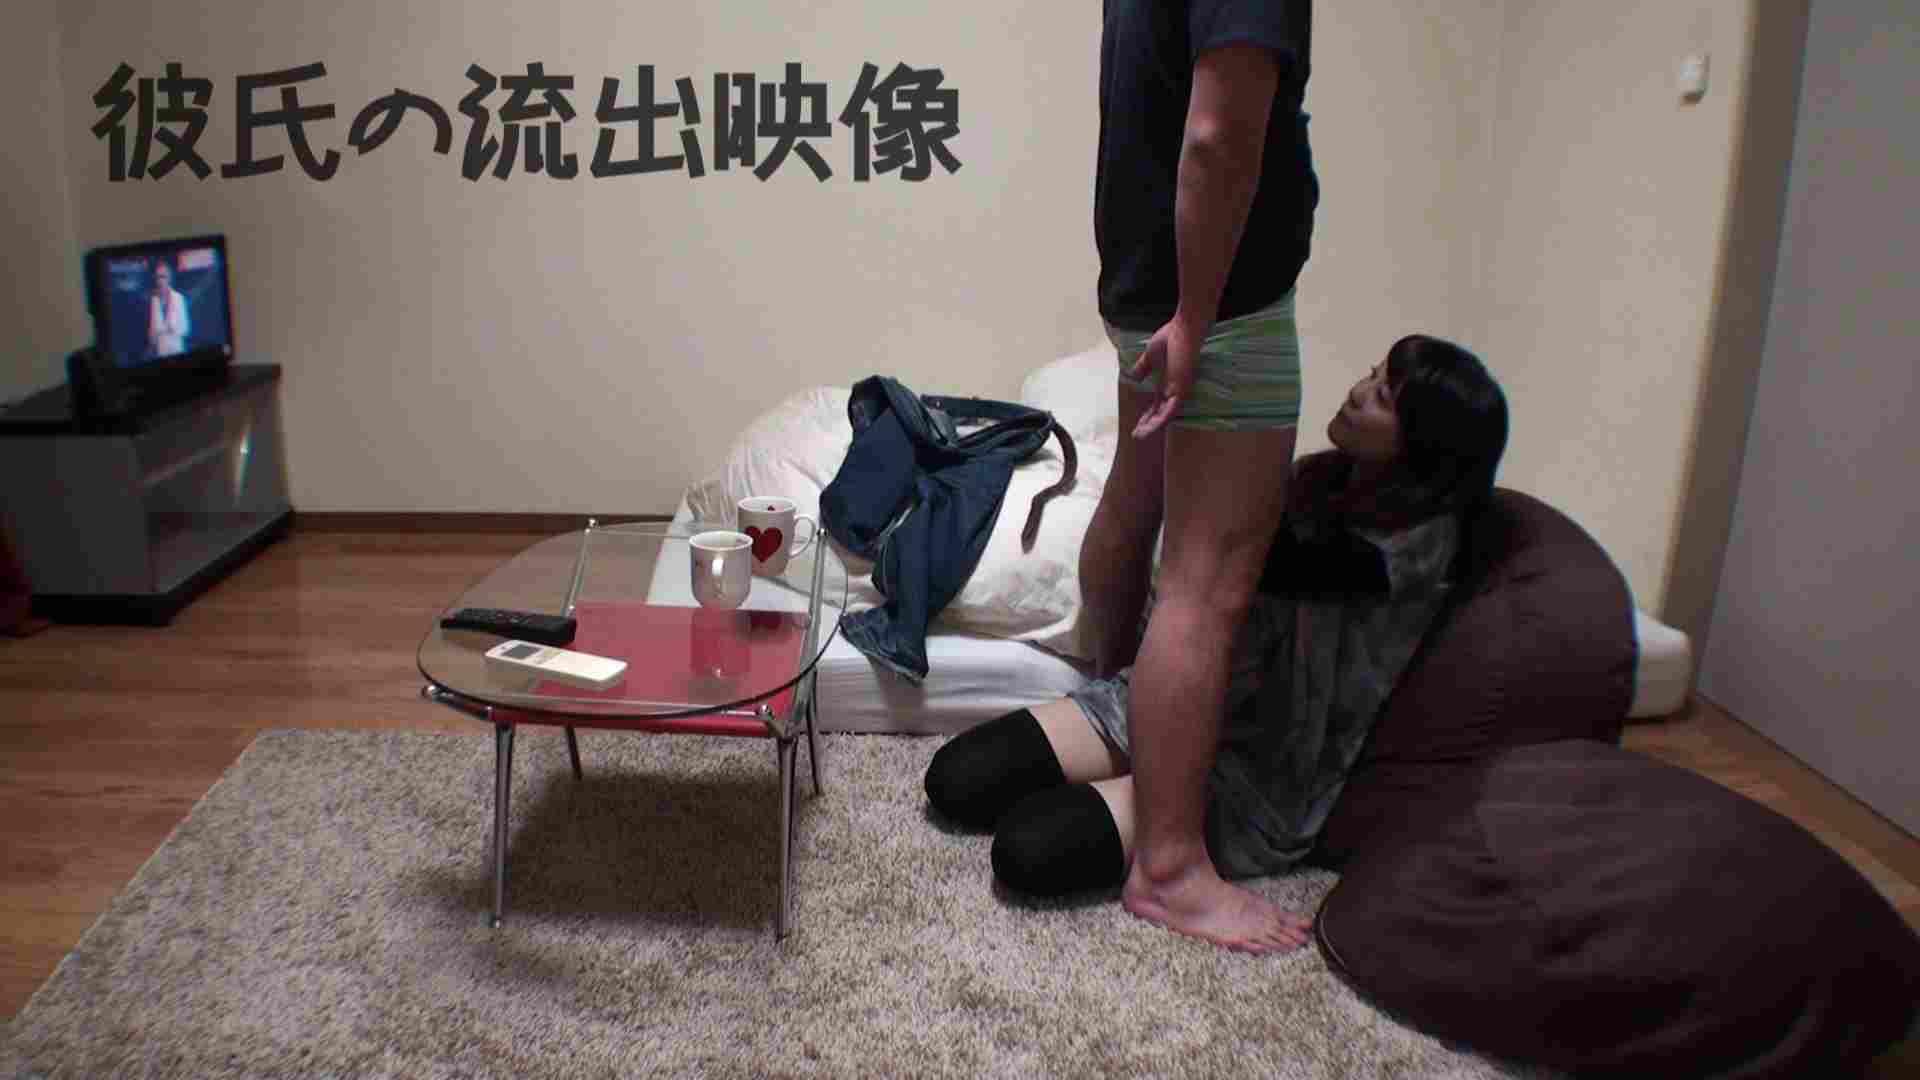 彼氏が流出 パイパン素人嬢のハメ撮り映像02 カップルのセックス  73PIX 6